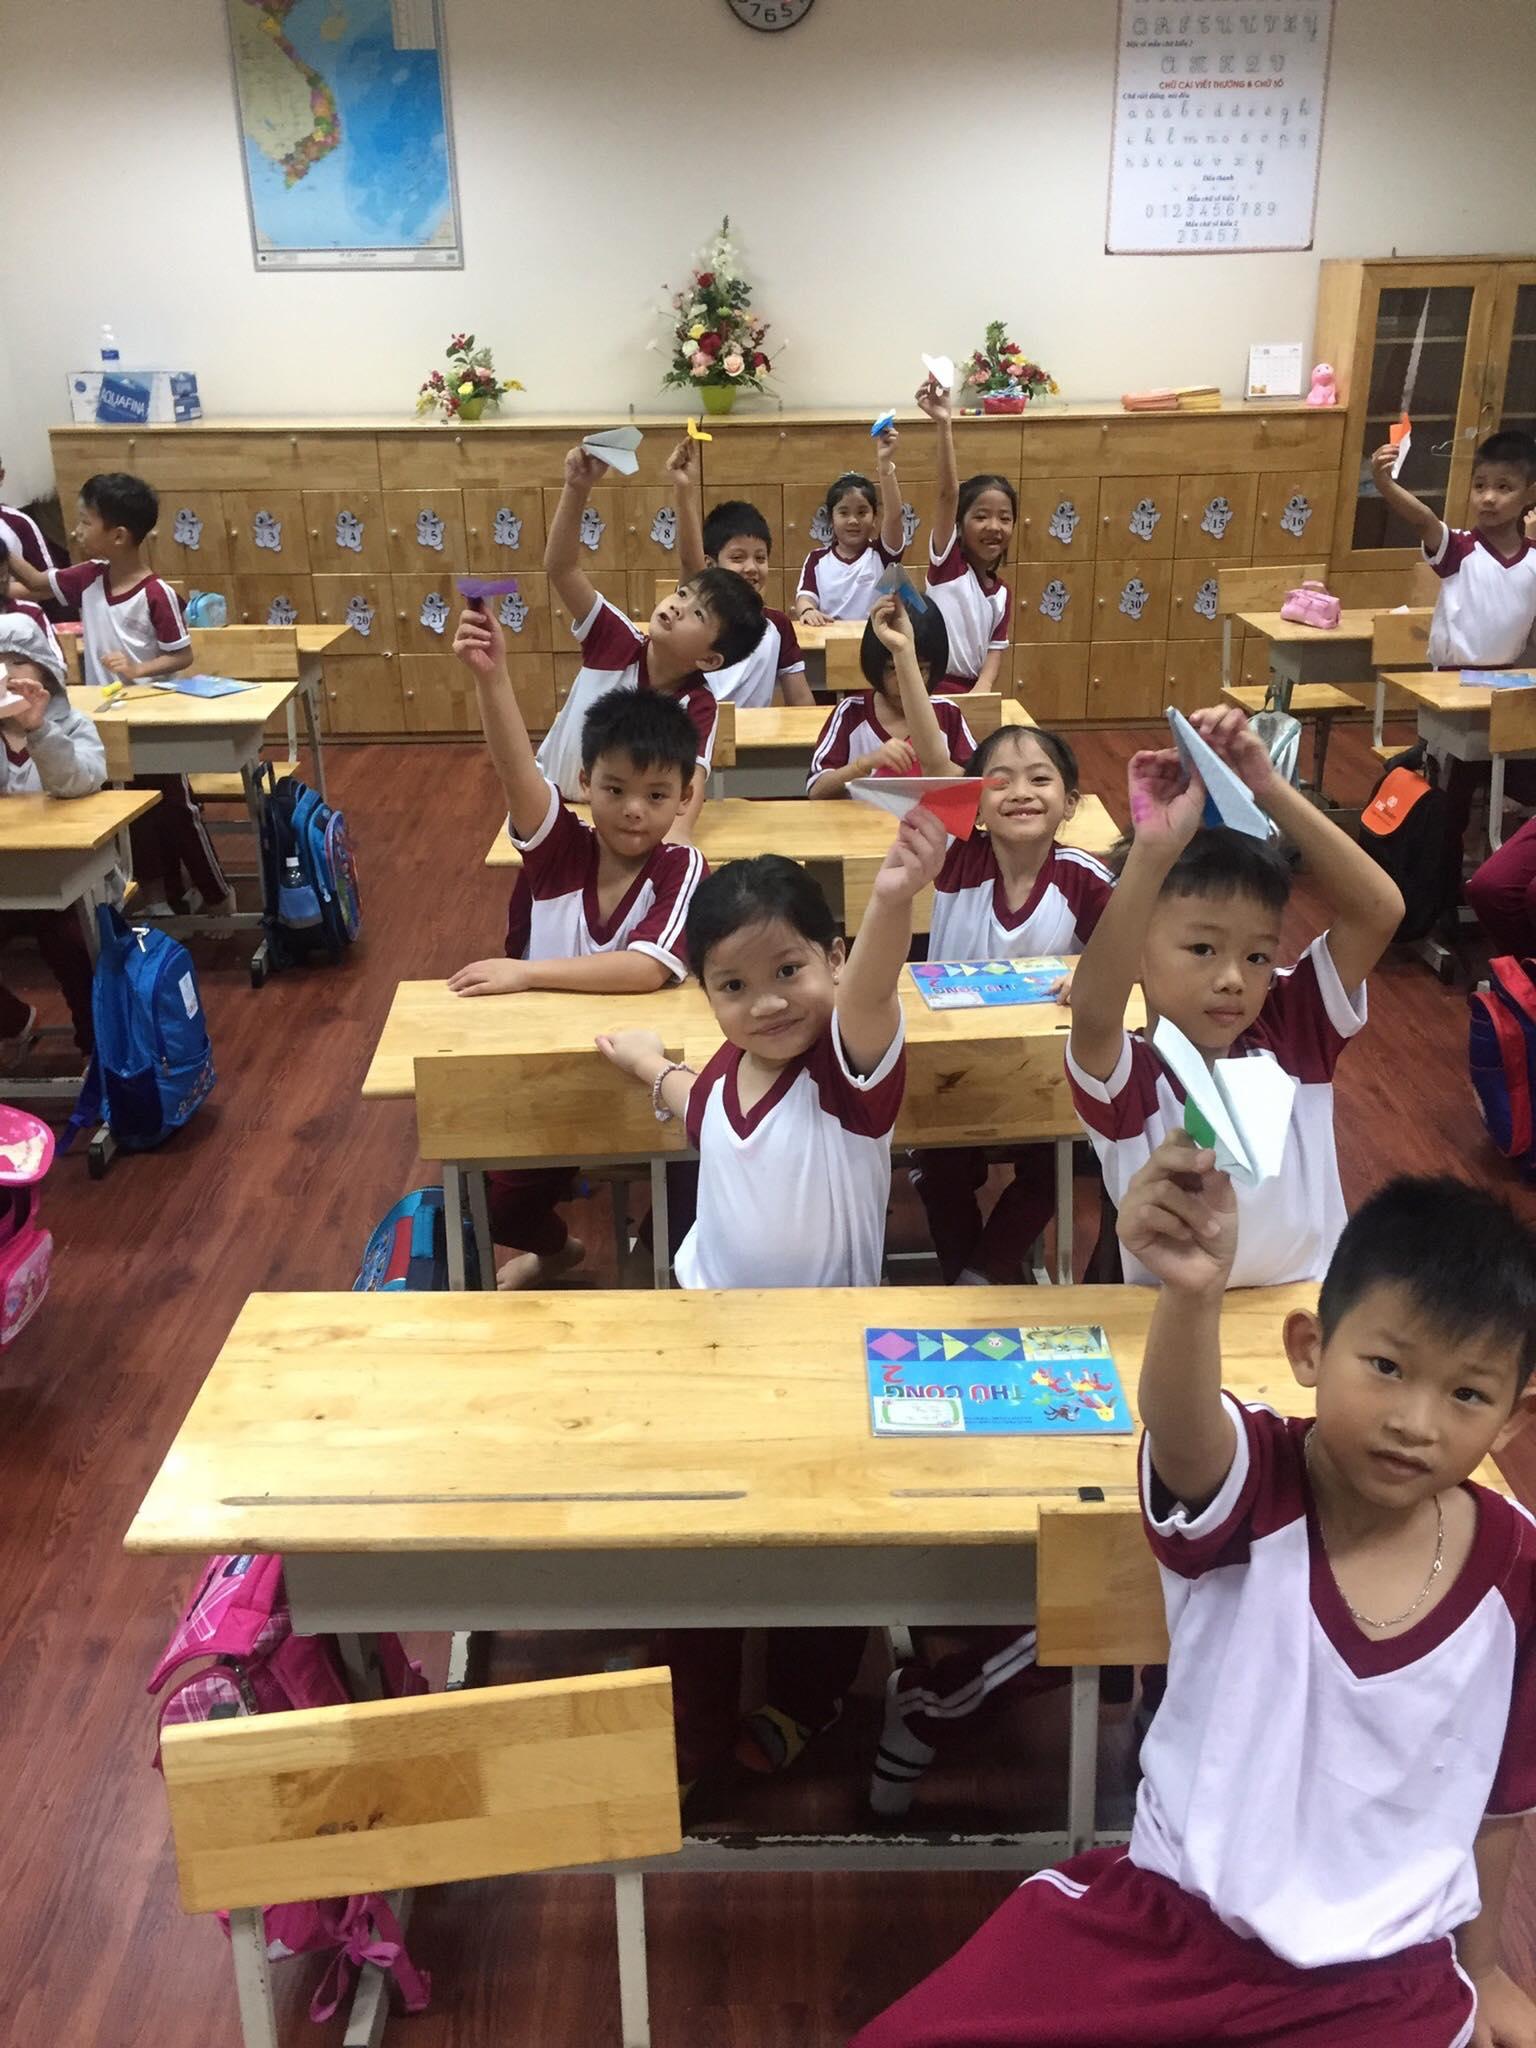 Một tiết học thủ công của học sinh trường Tiểu học Lê Đức Thọ - Gò Vấp